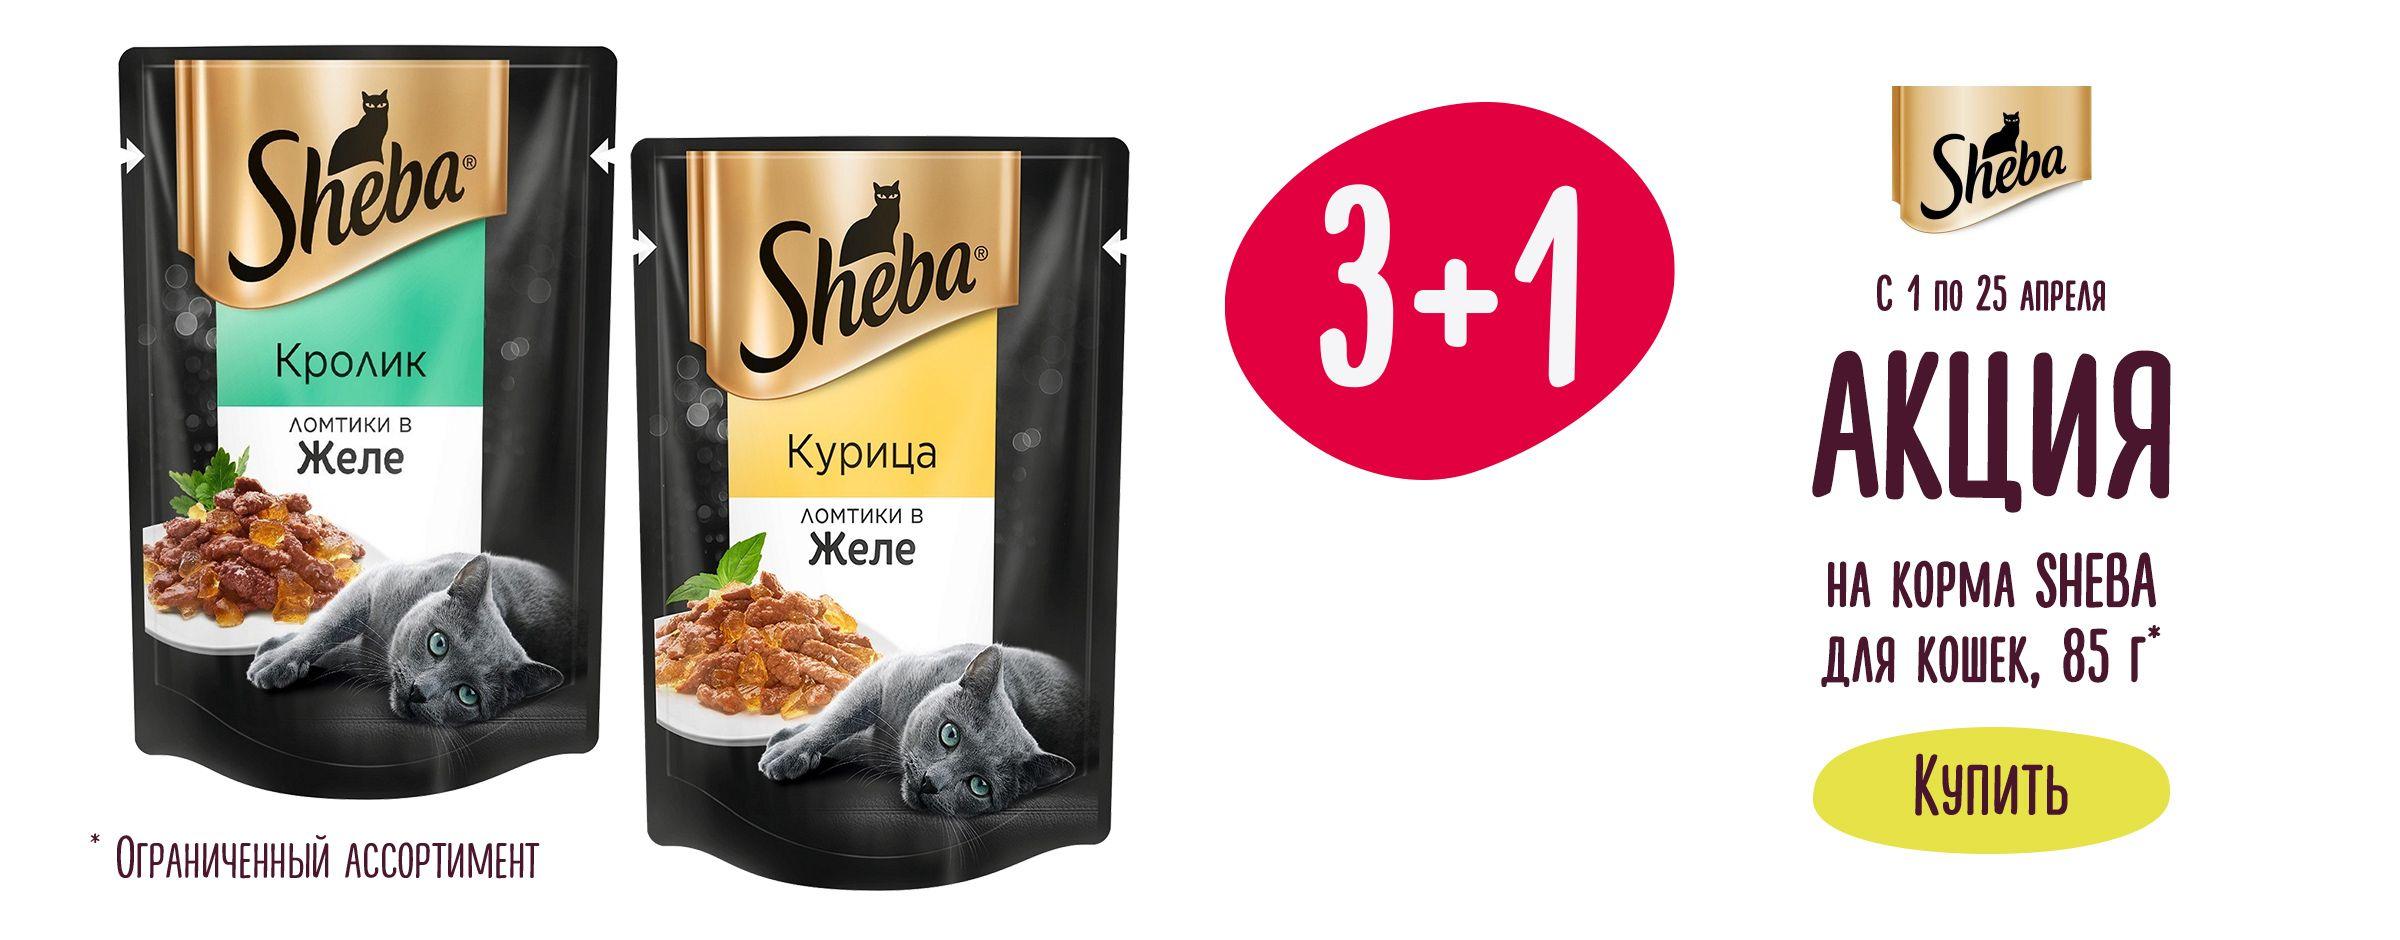 Акция 3+1 на корма для кошек  Sheba, 85г